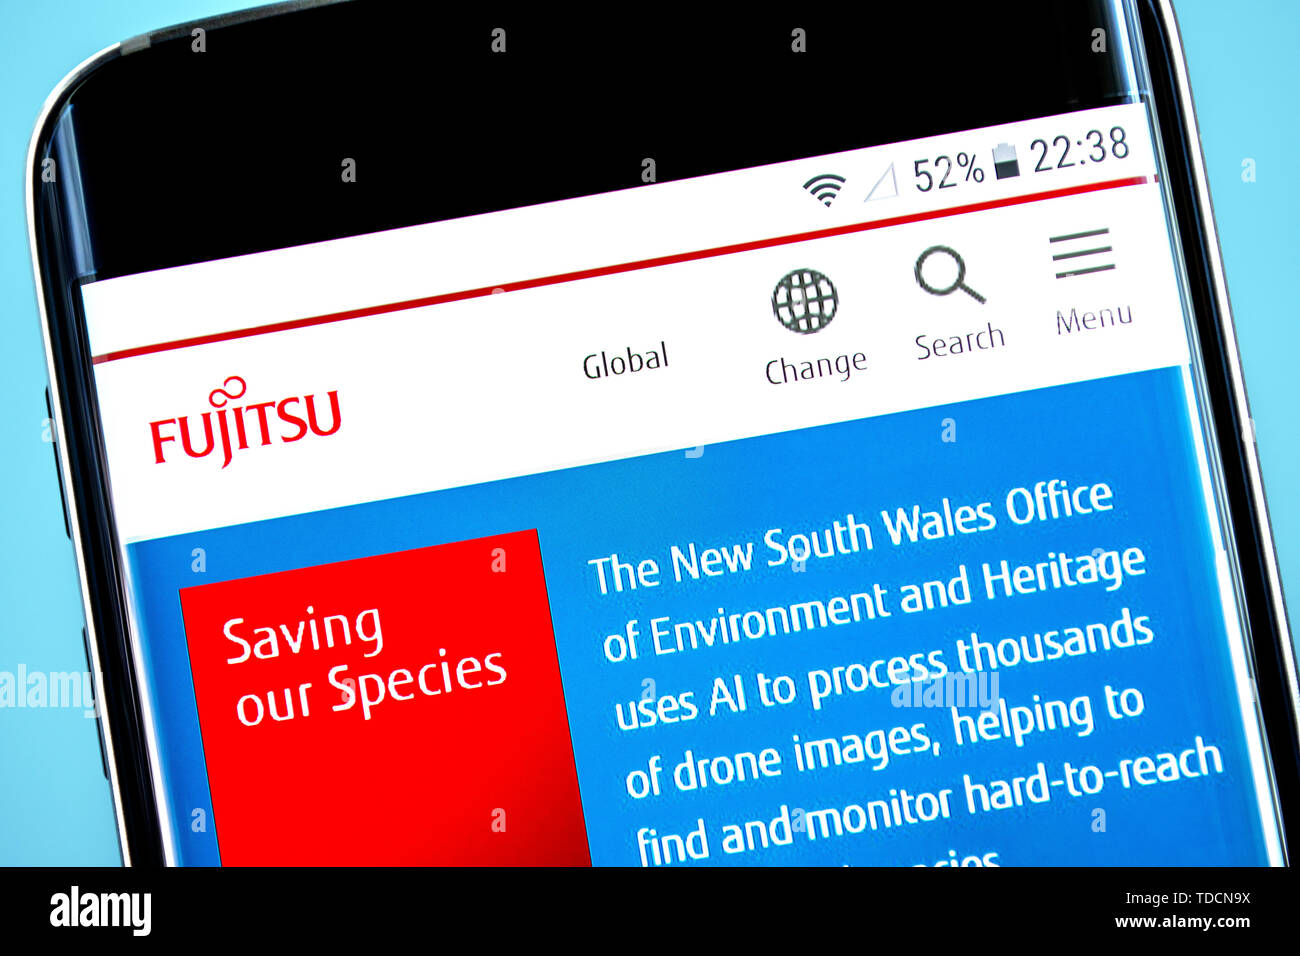 Berdiansk, Ukraine - 10 juin 2019: Fujitsu accueil du site. Logo Fujitsu visible sur l'écran du téléphone, rédaction d'illustration. Photo Stock